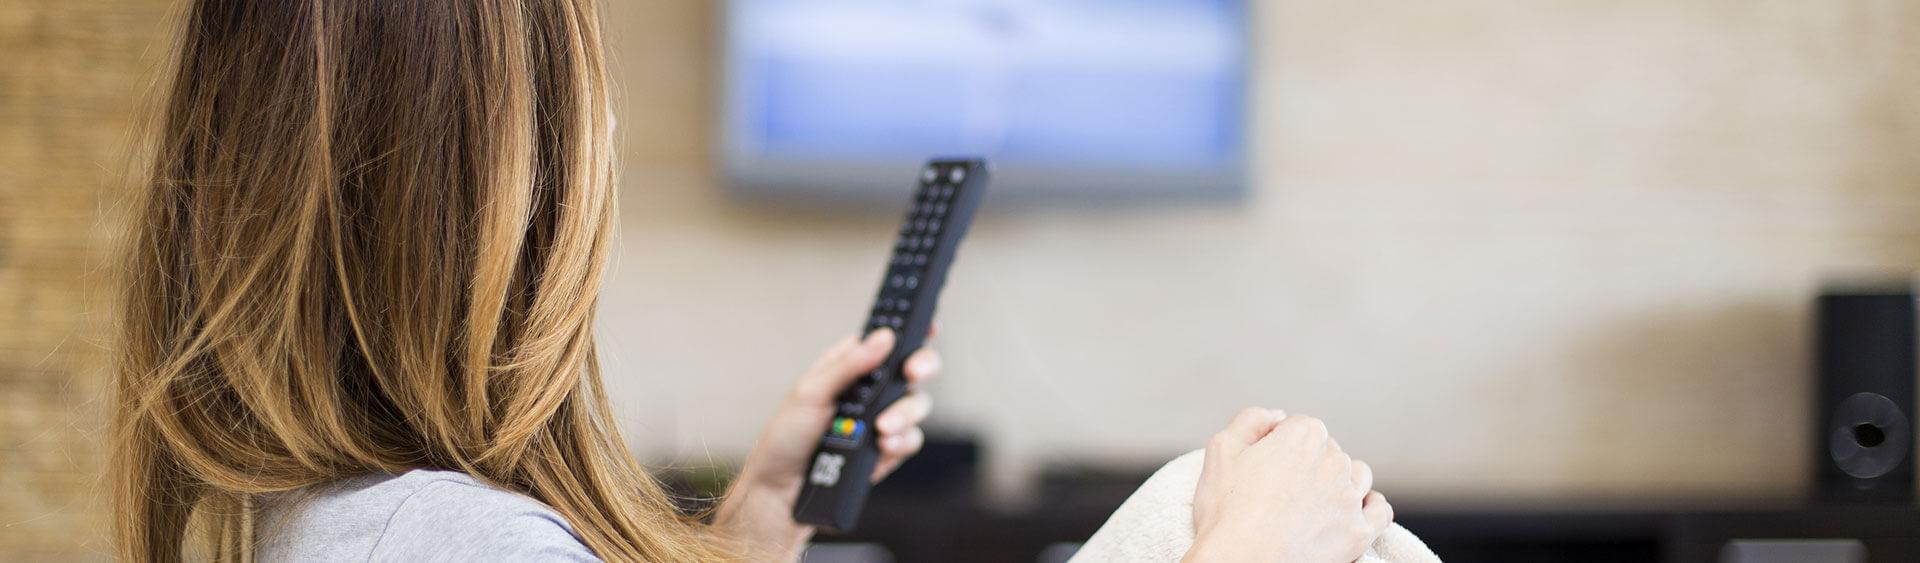 Glasvezel TV